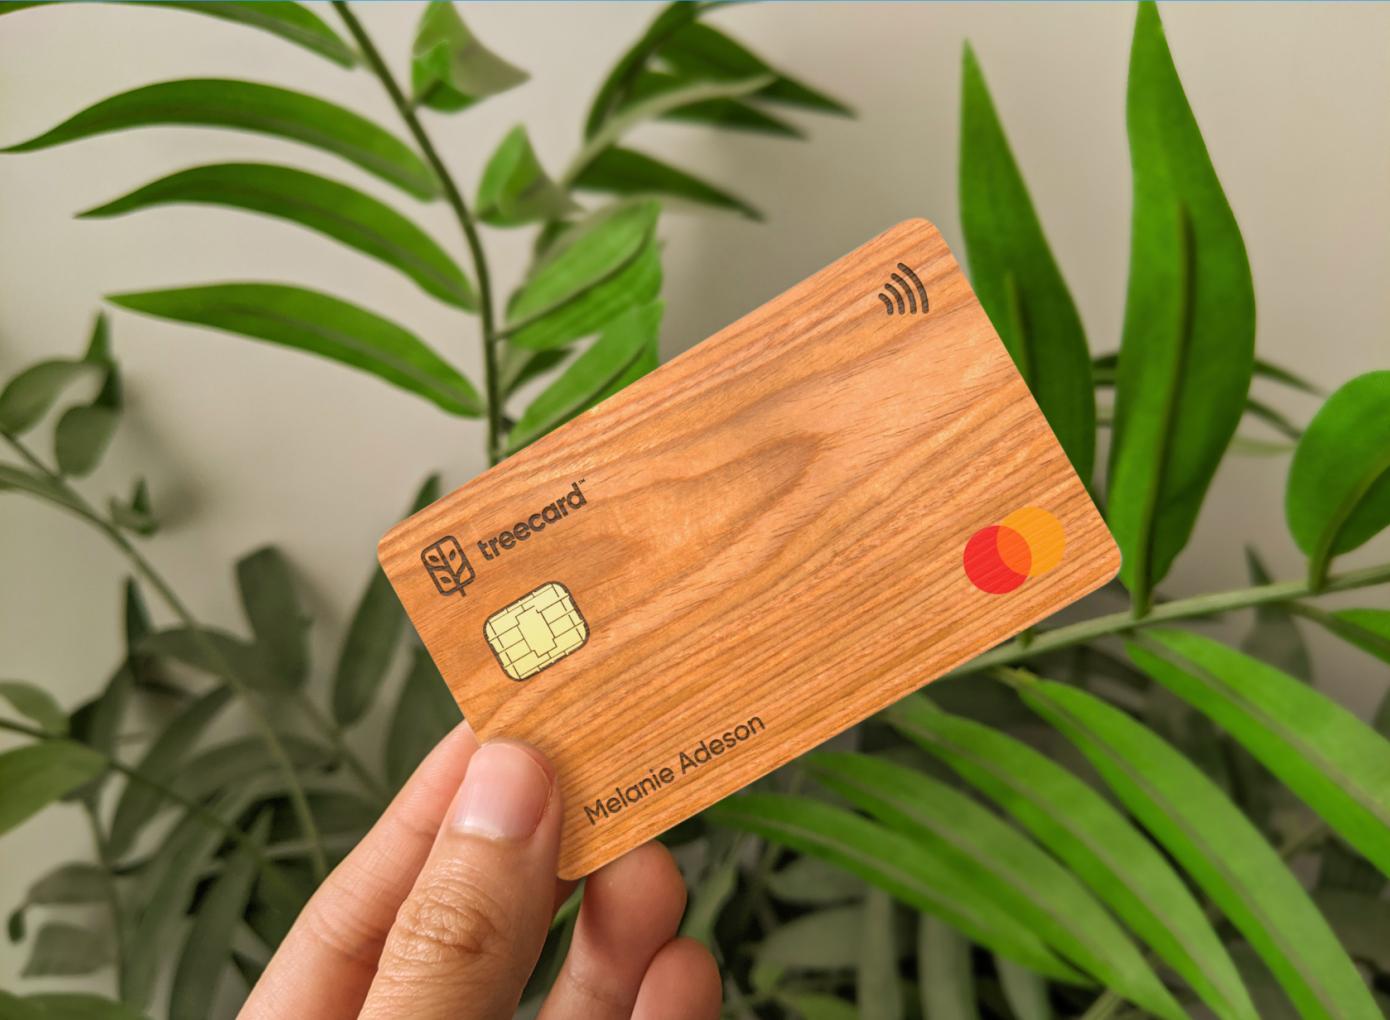 Финтех-стартап TreeCard привлек $5,1 млн. Он выпускает деревянную дебетовую карту, а на комиссию сажает деревья